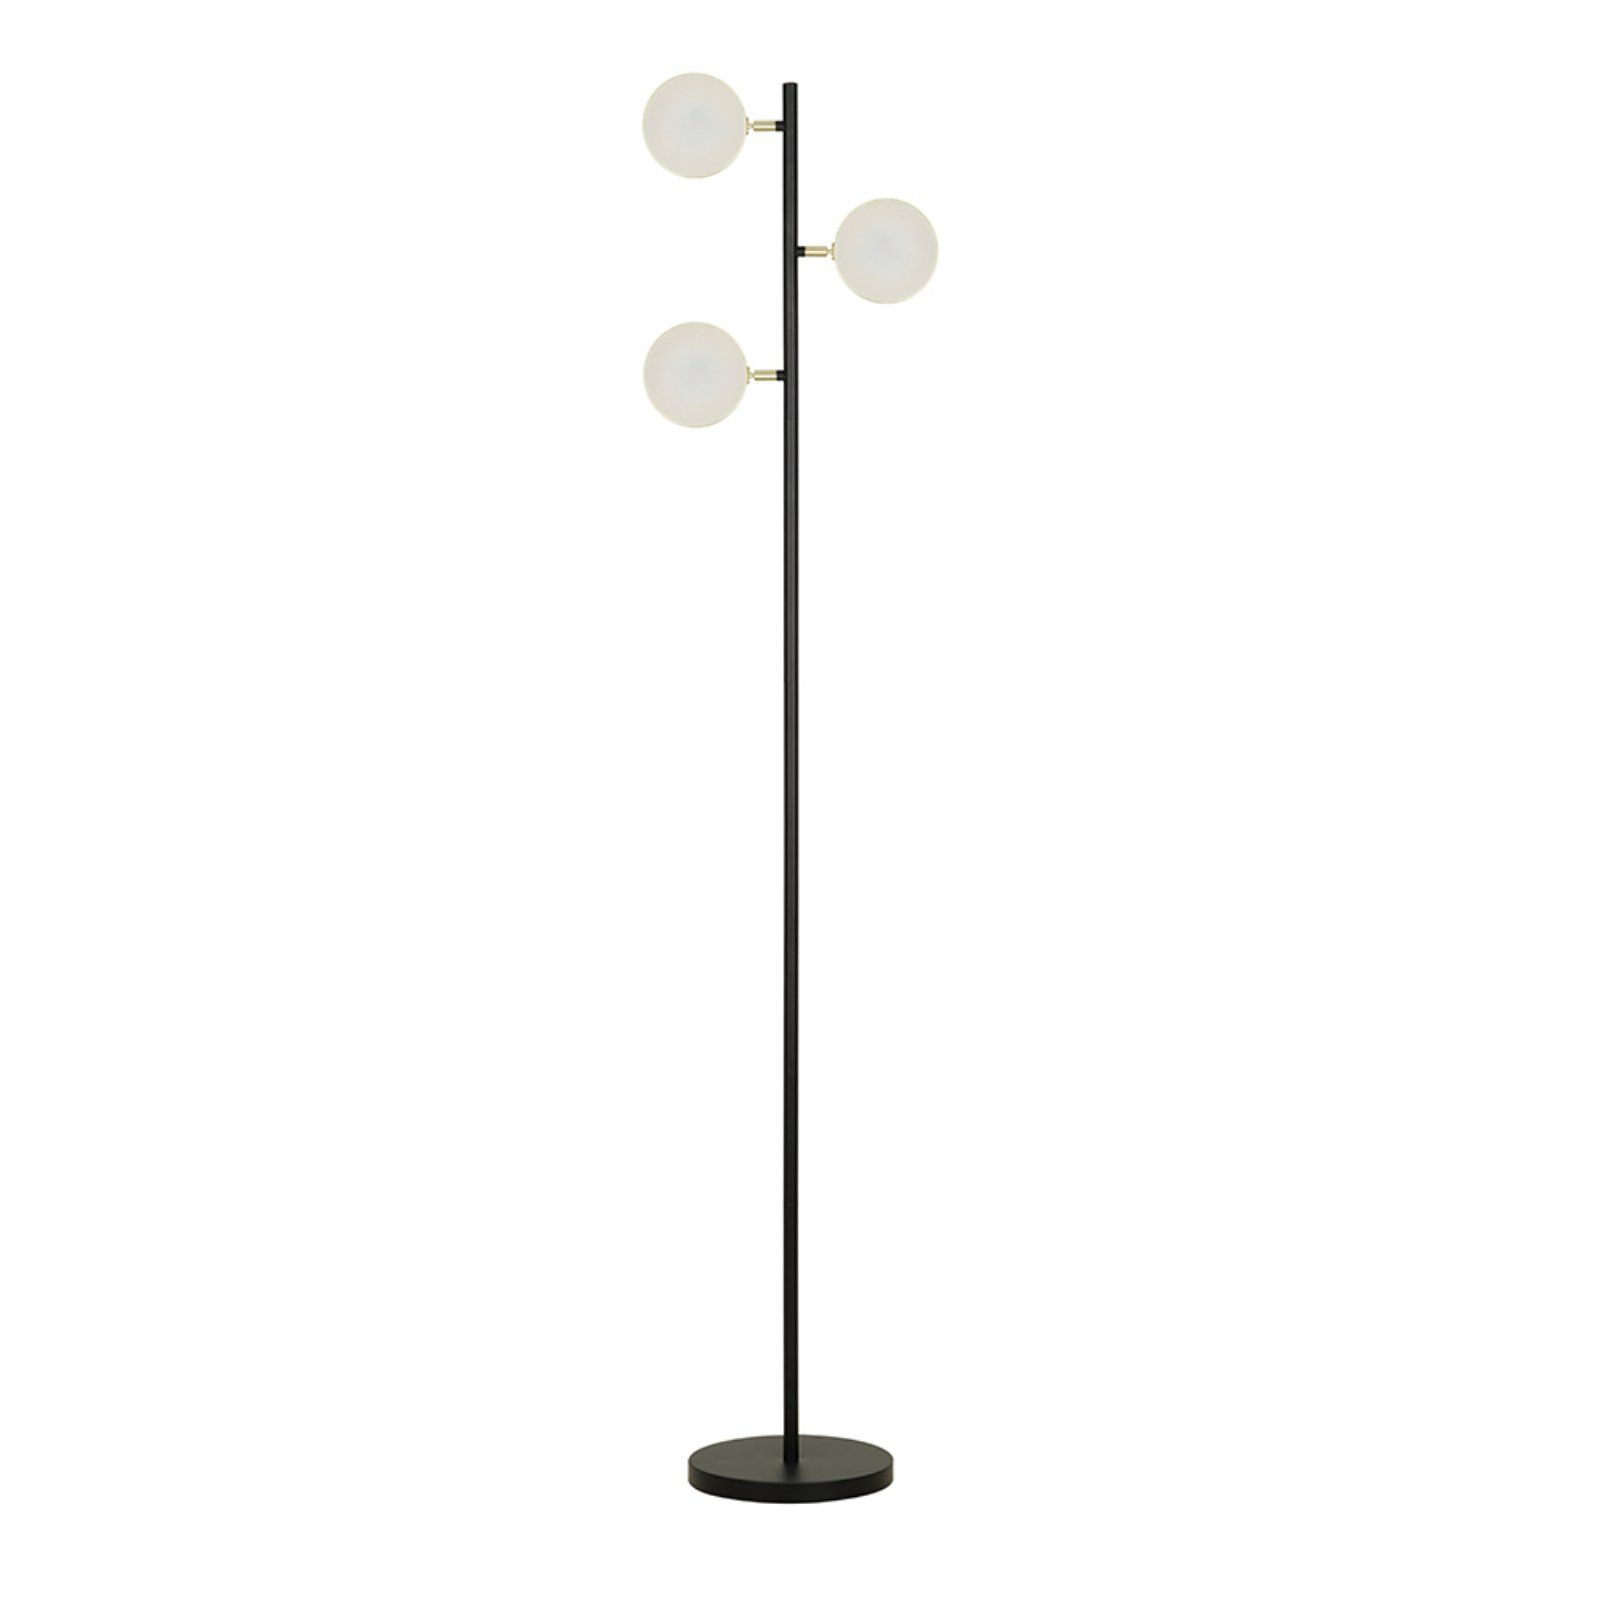 Cresswell Lighting Track Tree Floor Lamp Tree Floor Lamp